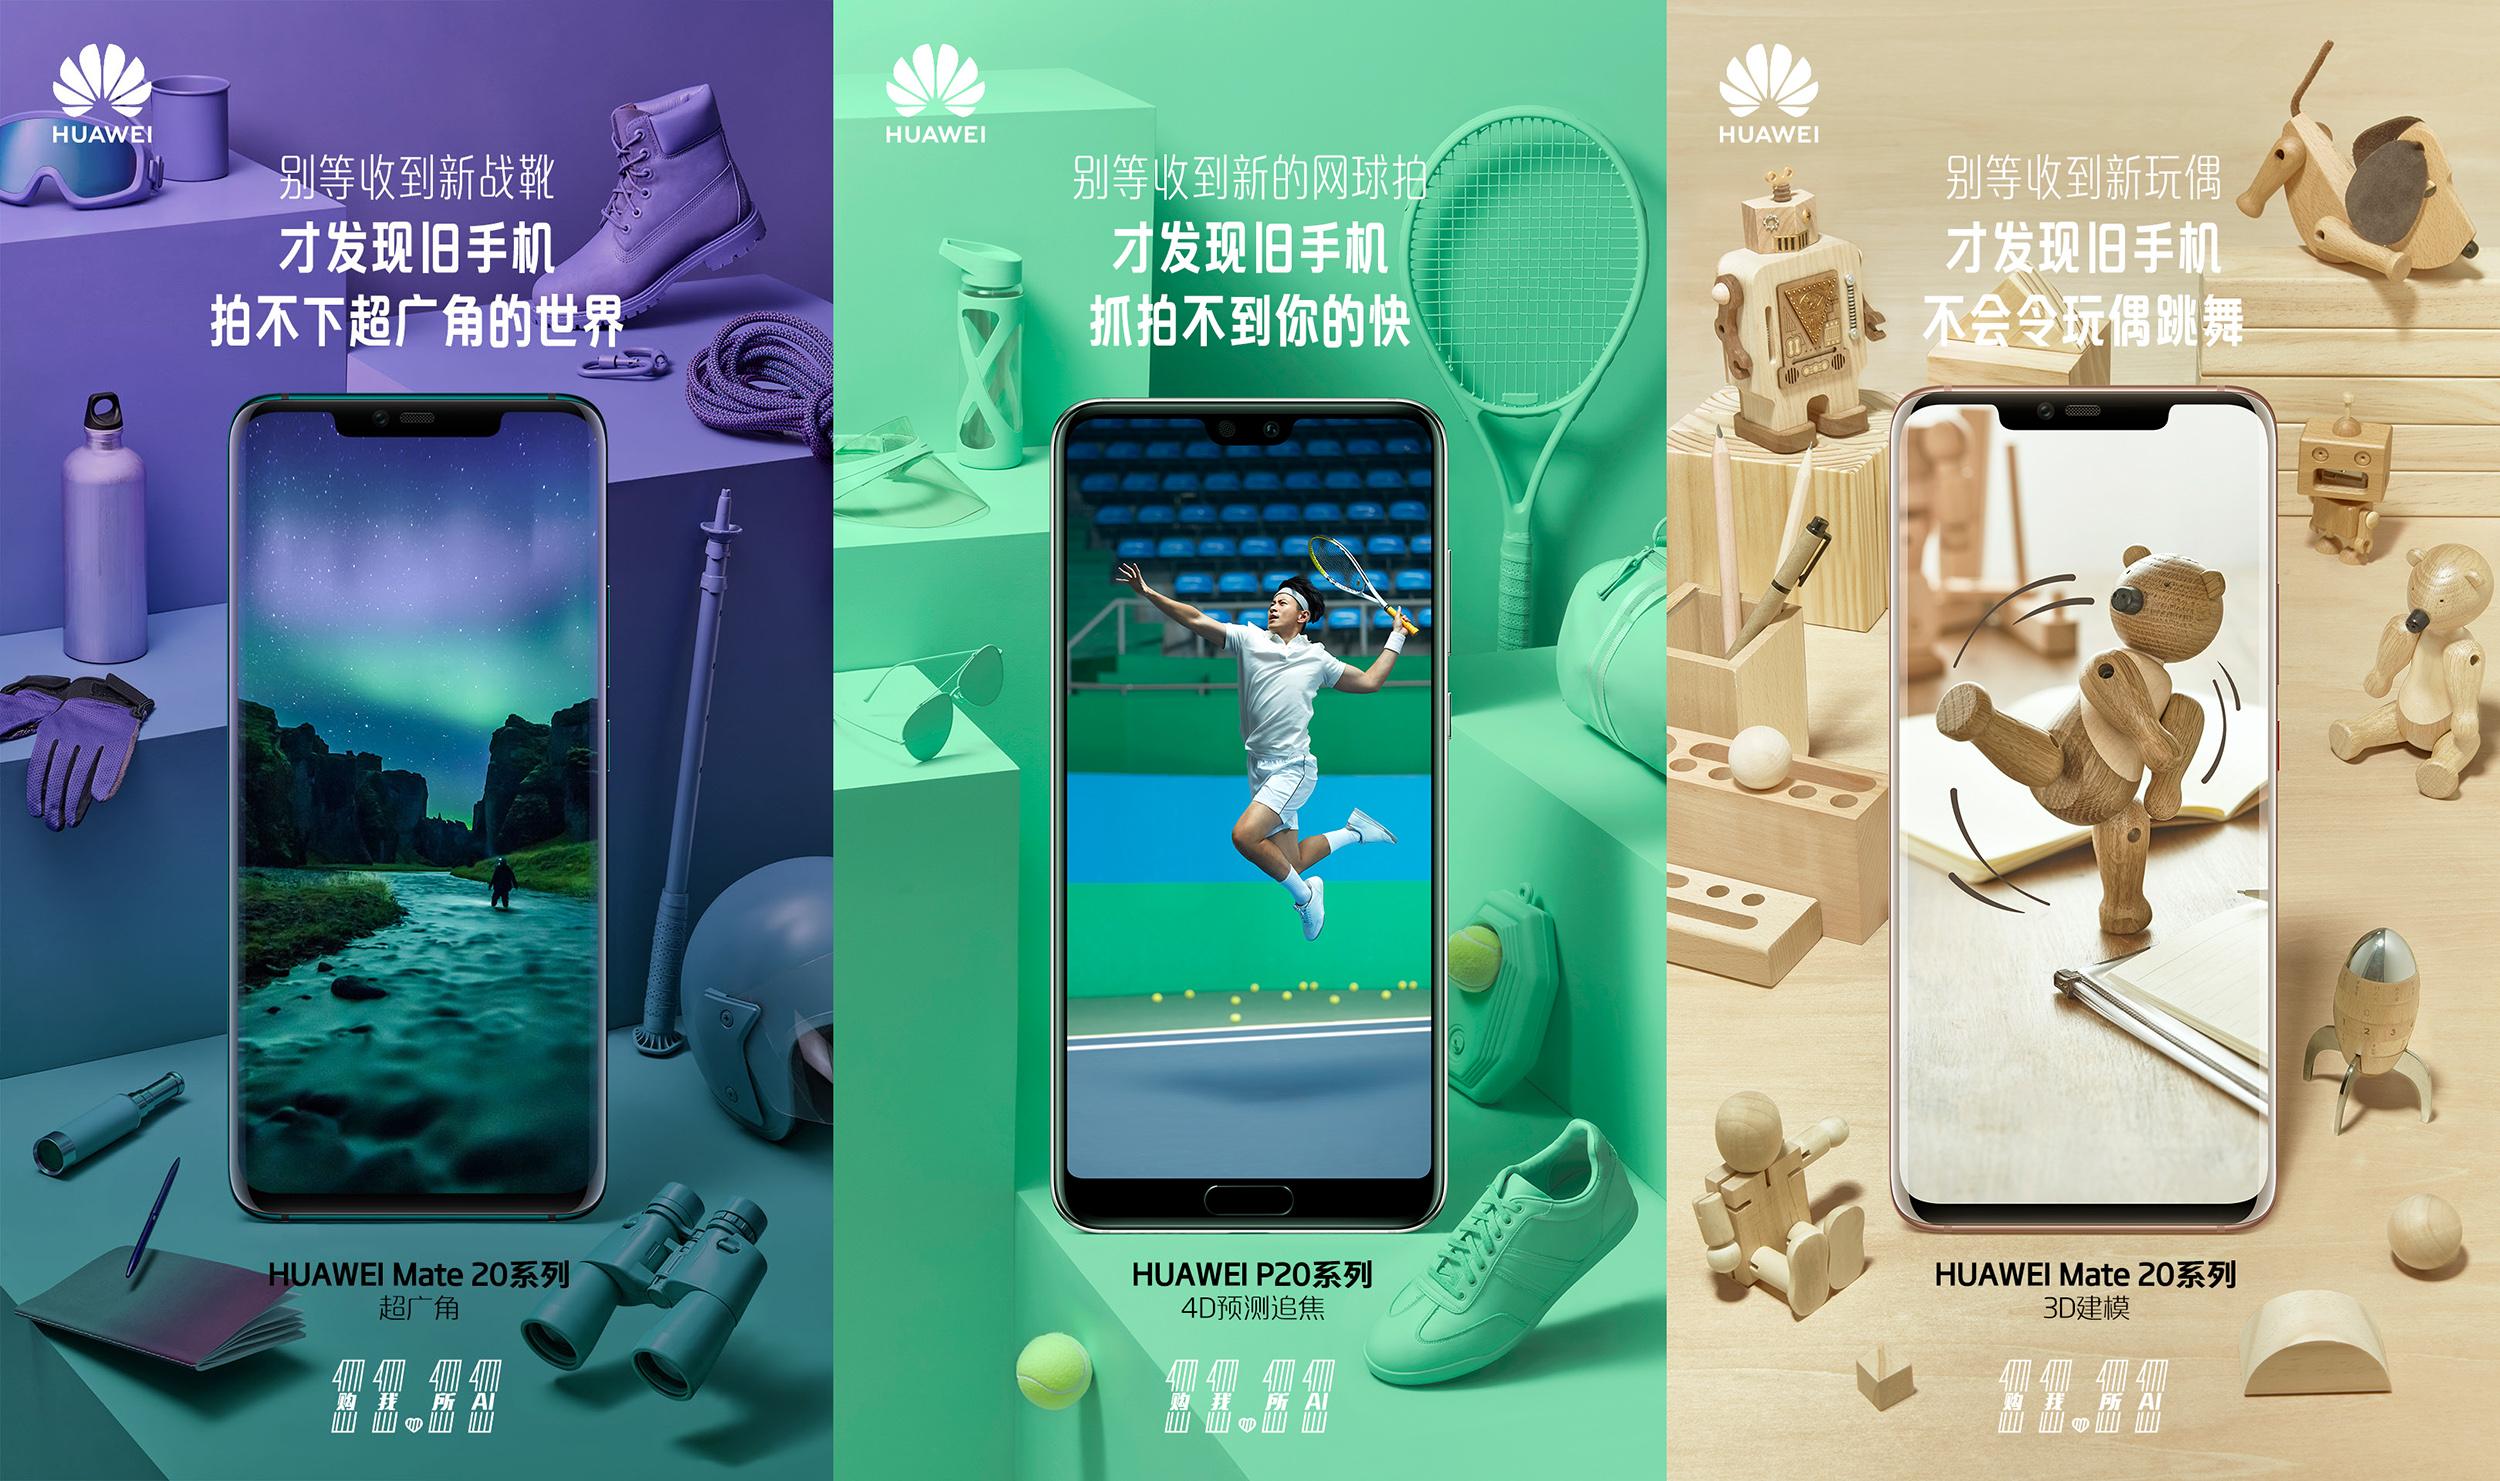 Huawei 1111 H5_1